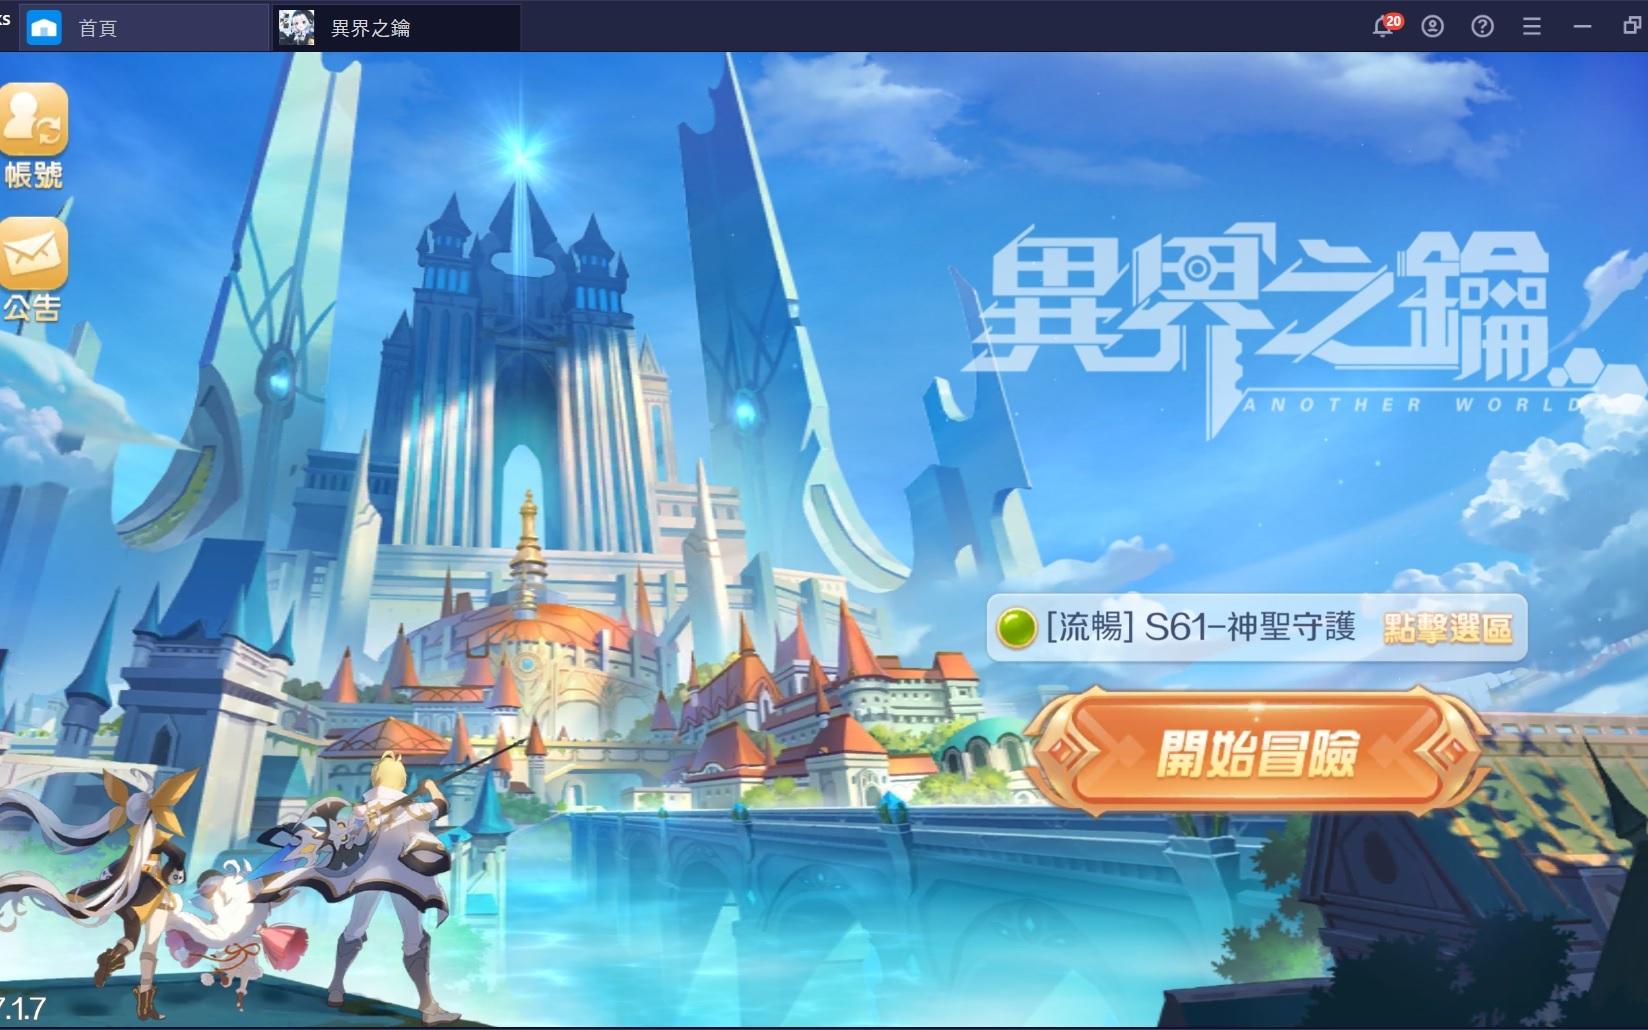 使用BlueStacks在PC上遊玩星際風格MMORPG《異界之鑰》